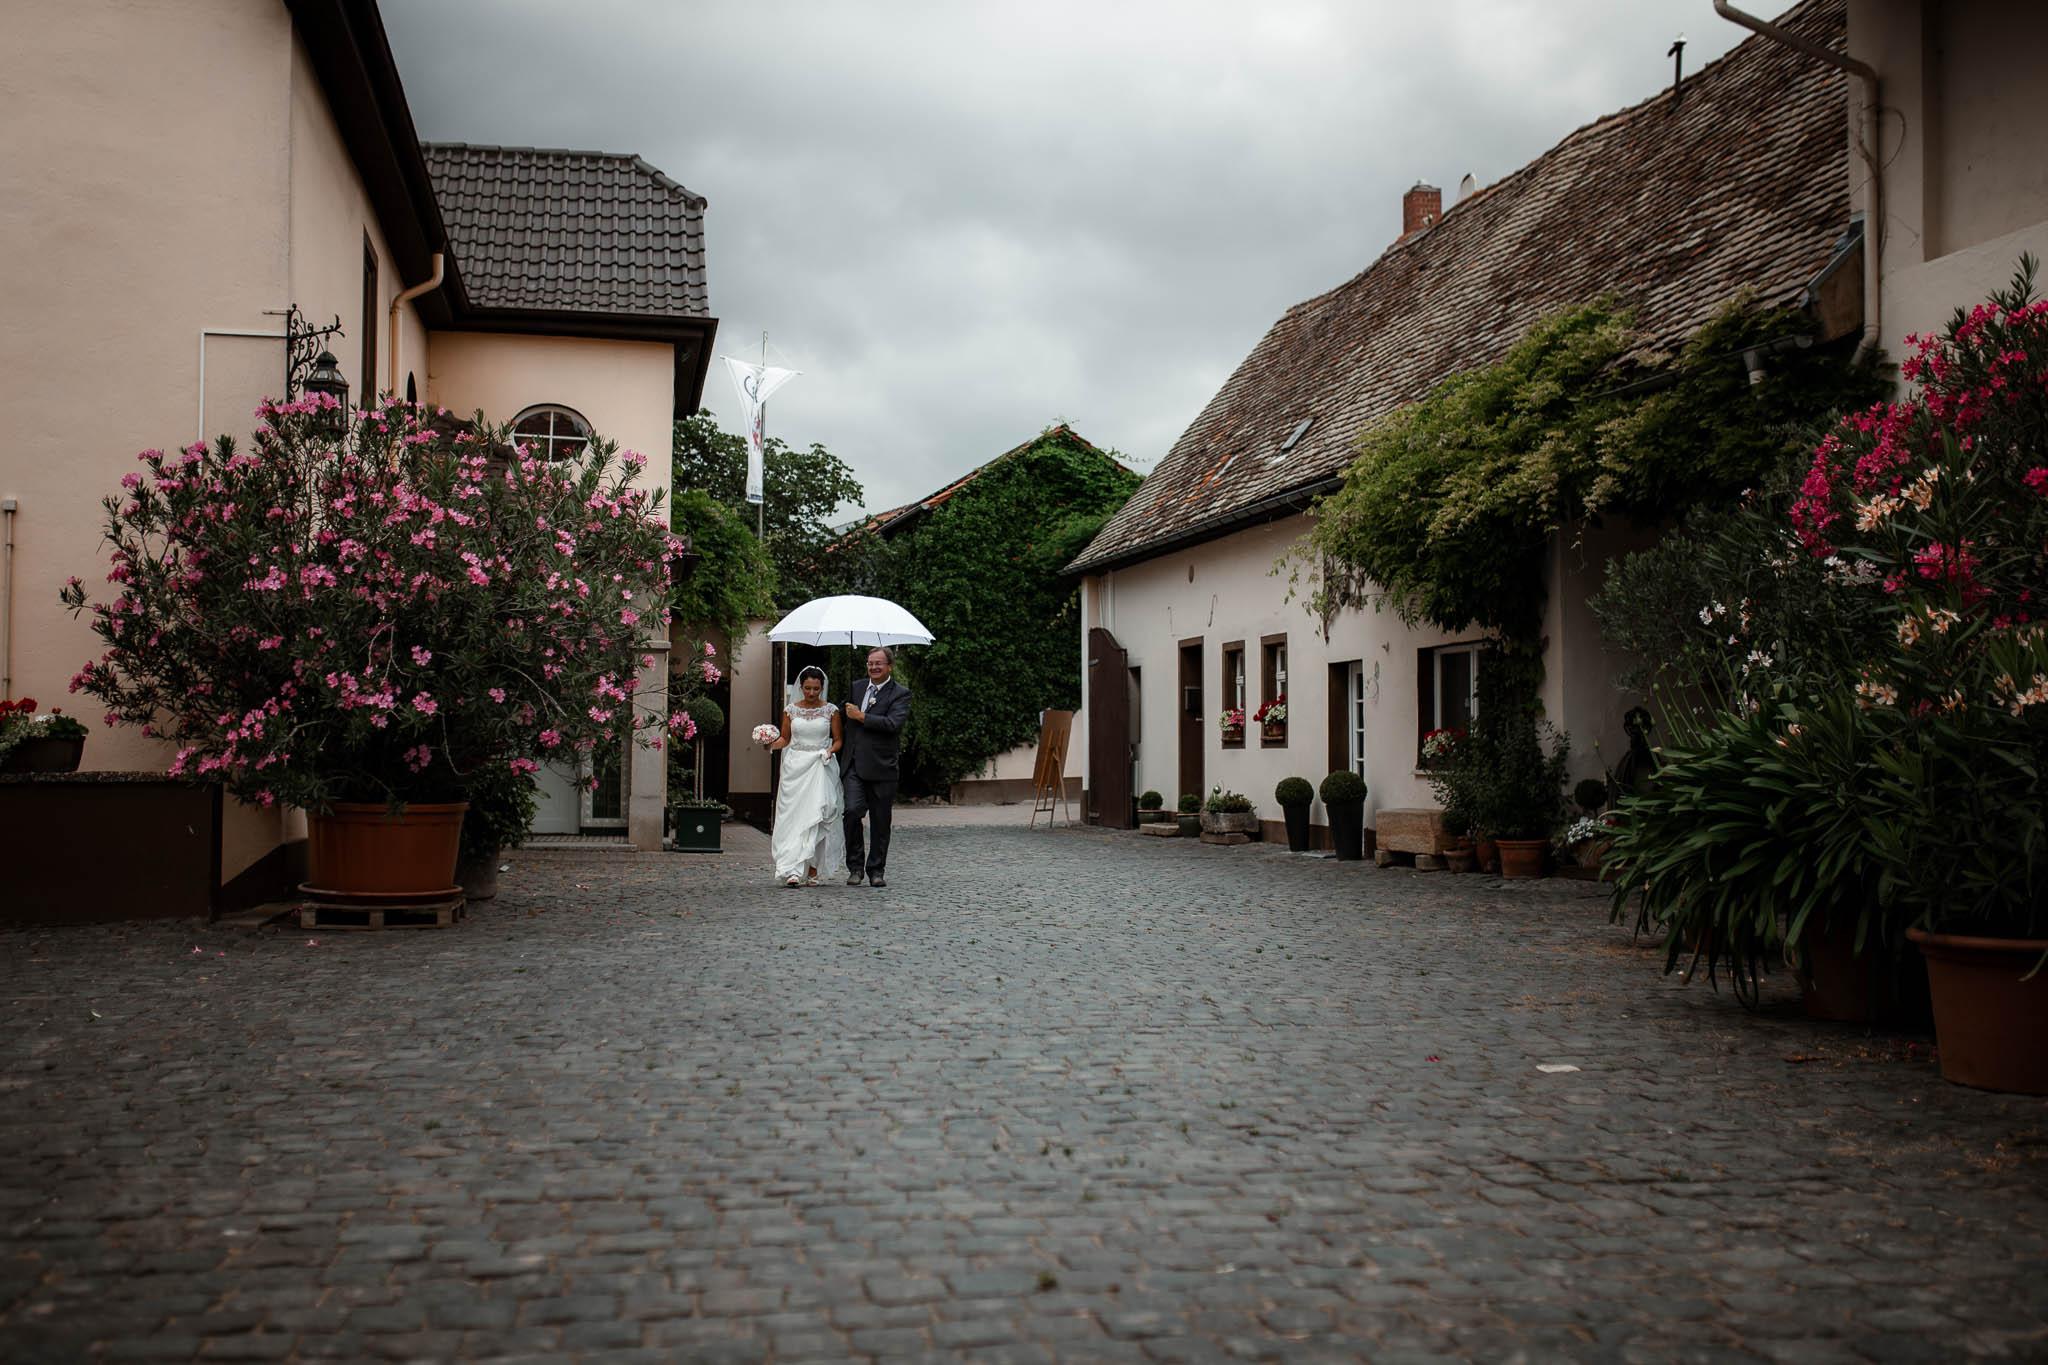 Hochzeitsfotograf Monzernheim: freie Trauung von Sarah & Patrick 17